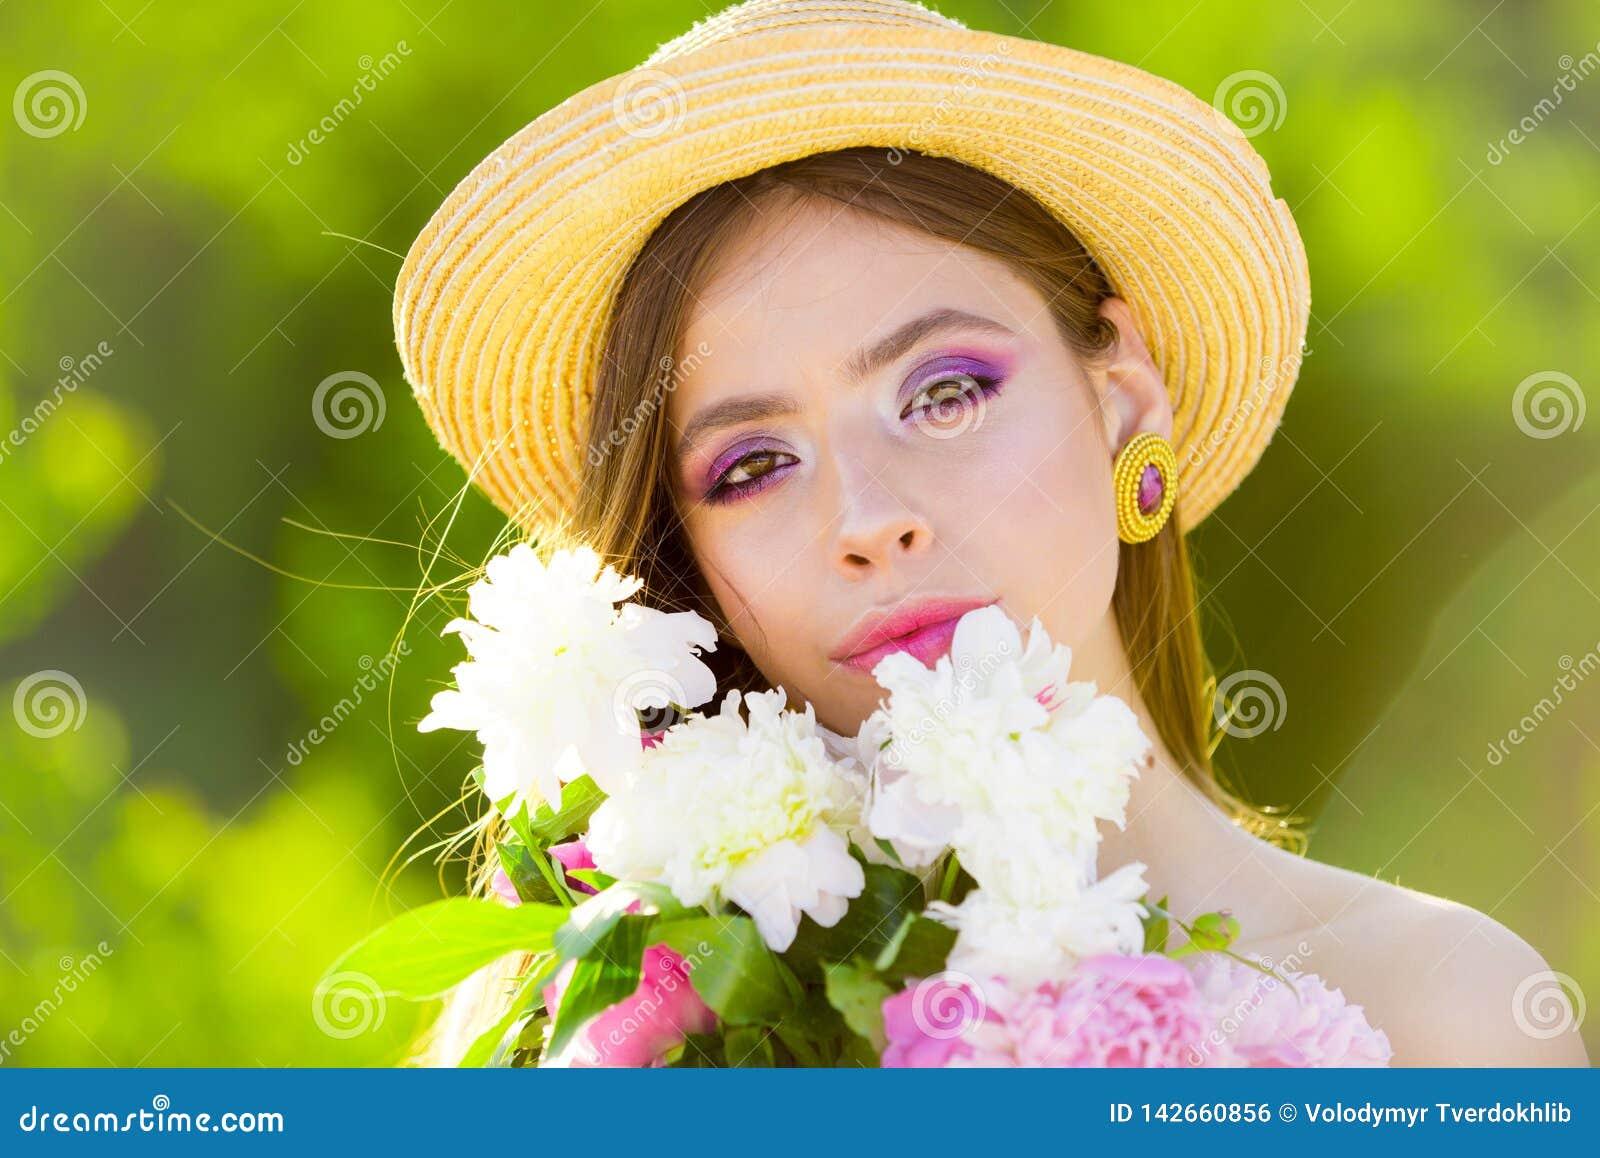 Ragazza di estate con capelli lunghi fronte e skincare viaggio di estate Donna della sorgente Primavera e vacanza Bellezza natura